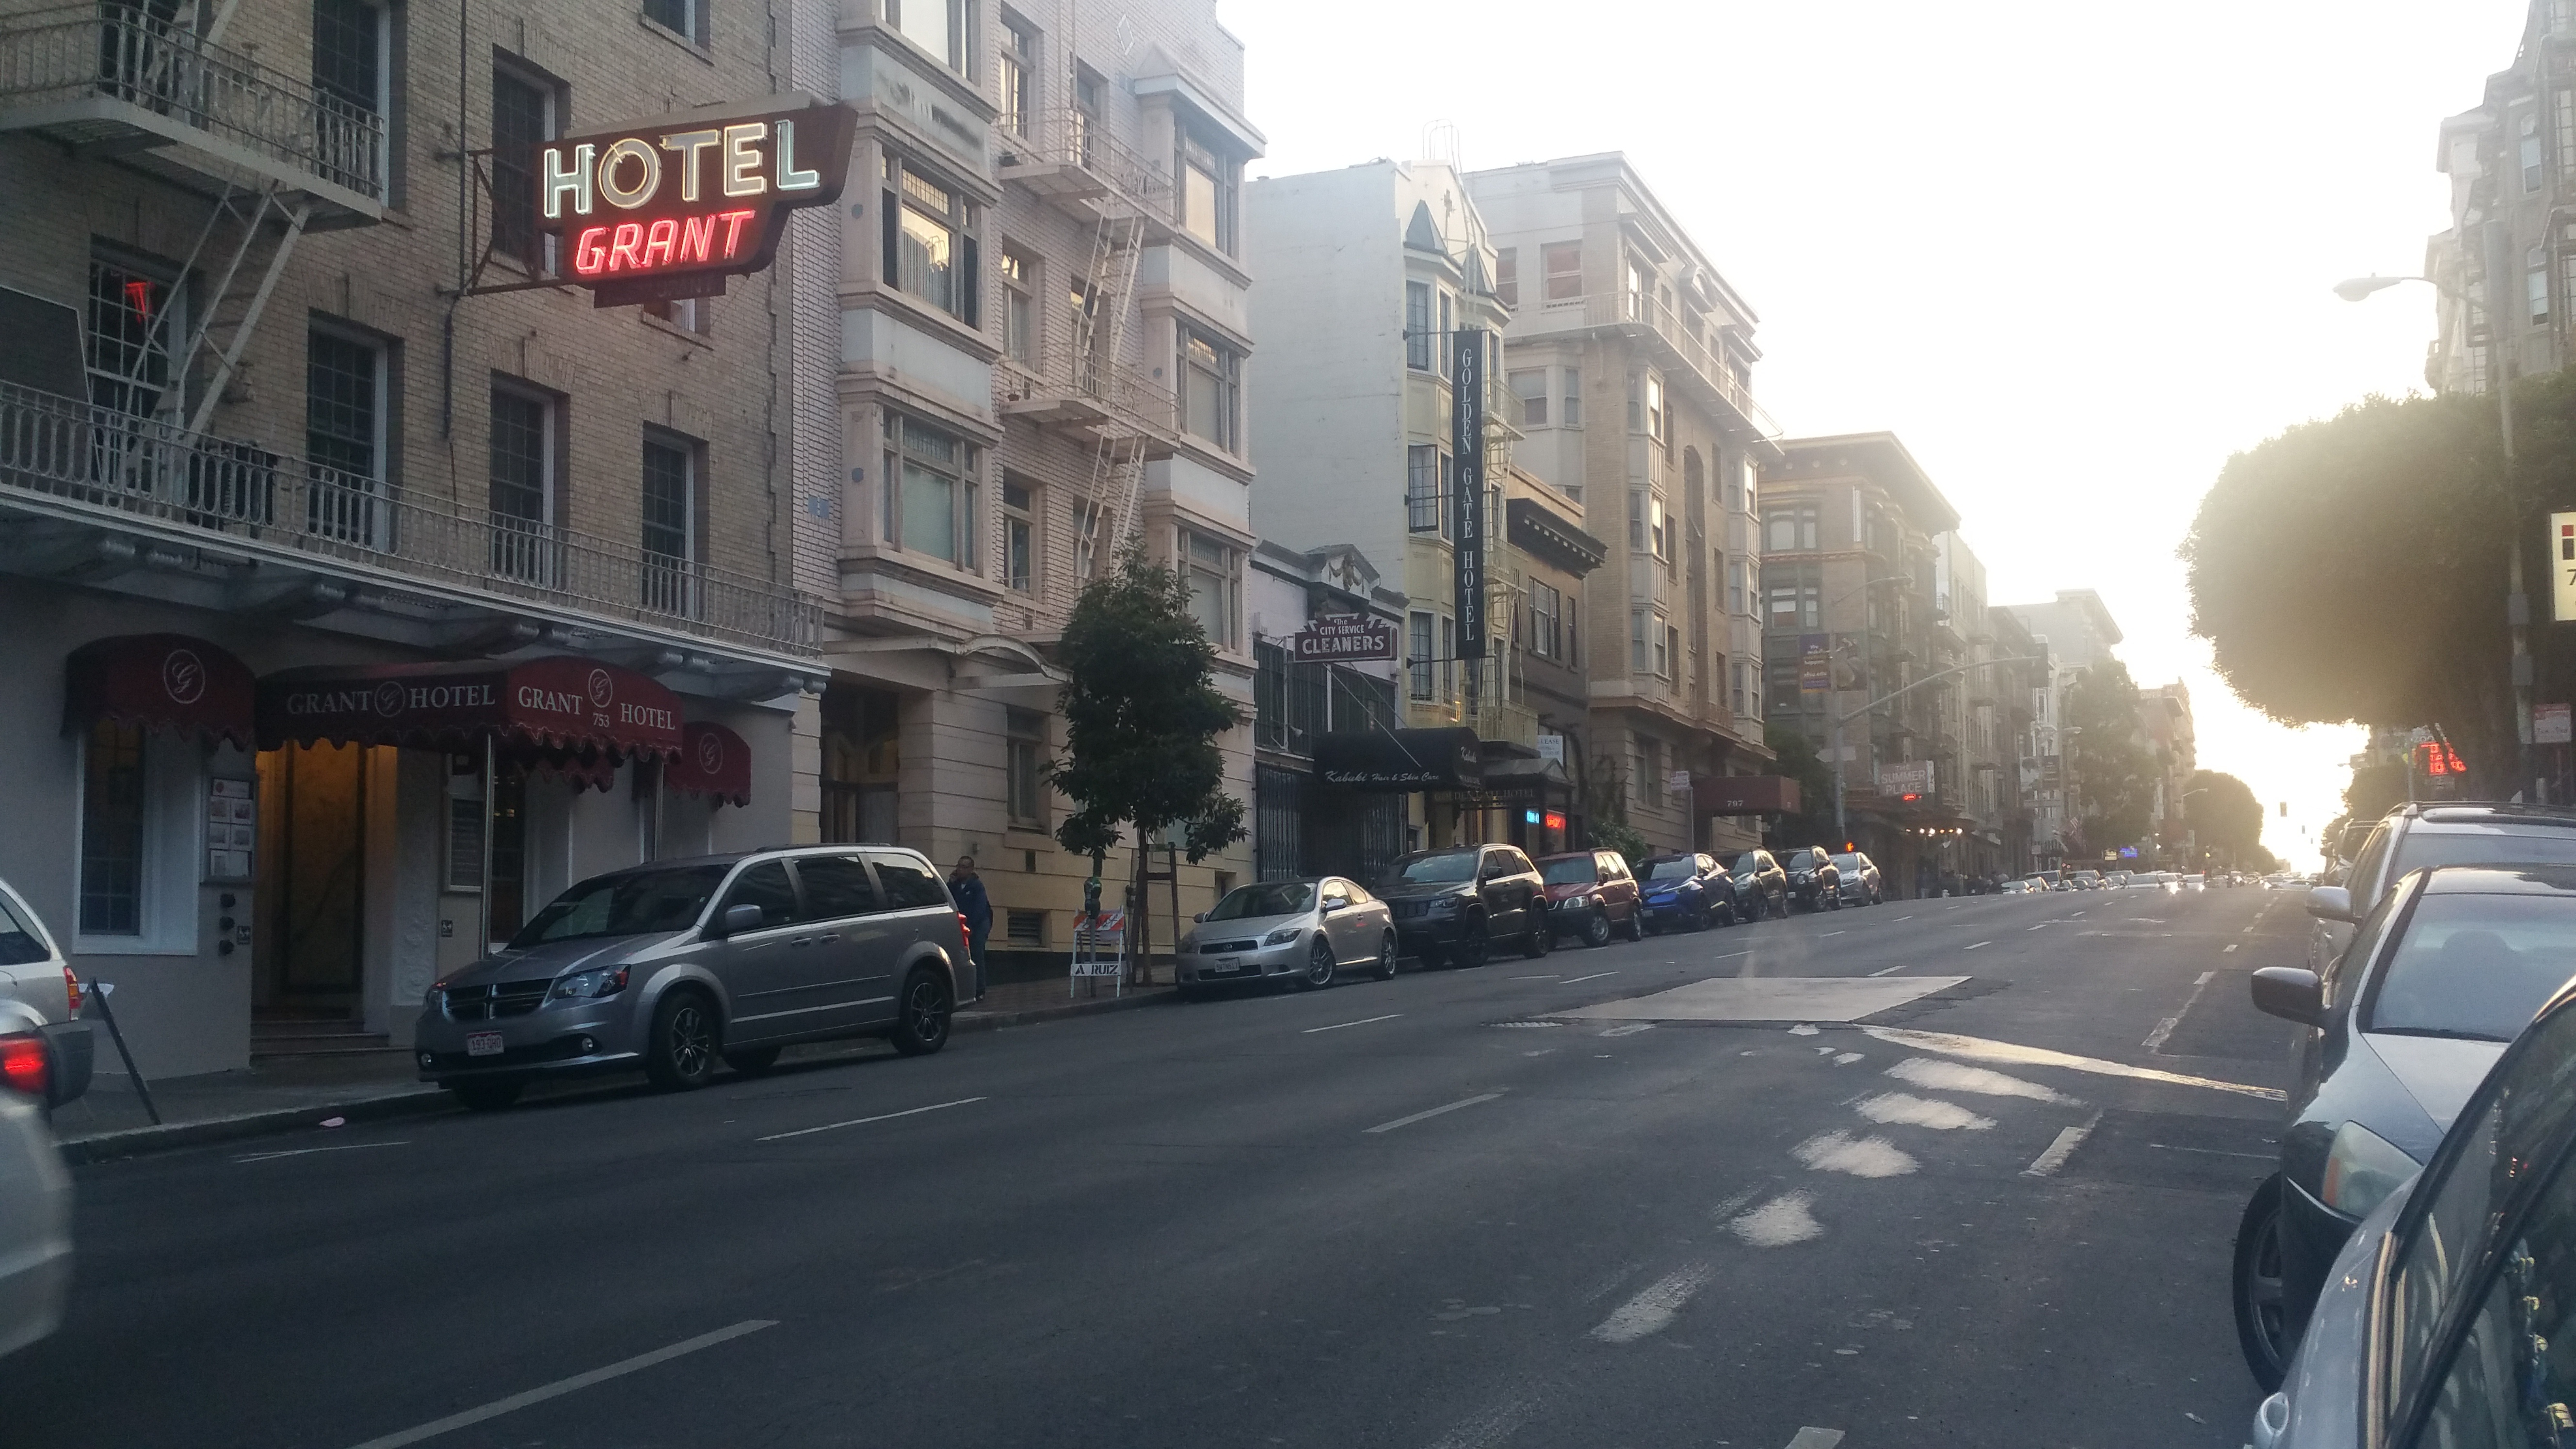 HOTEL GRANT SAN FRANCISCO CALIFORNIA UNION SQUARE